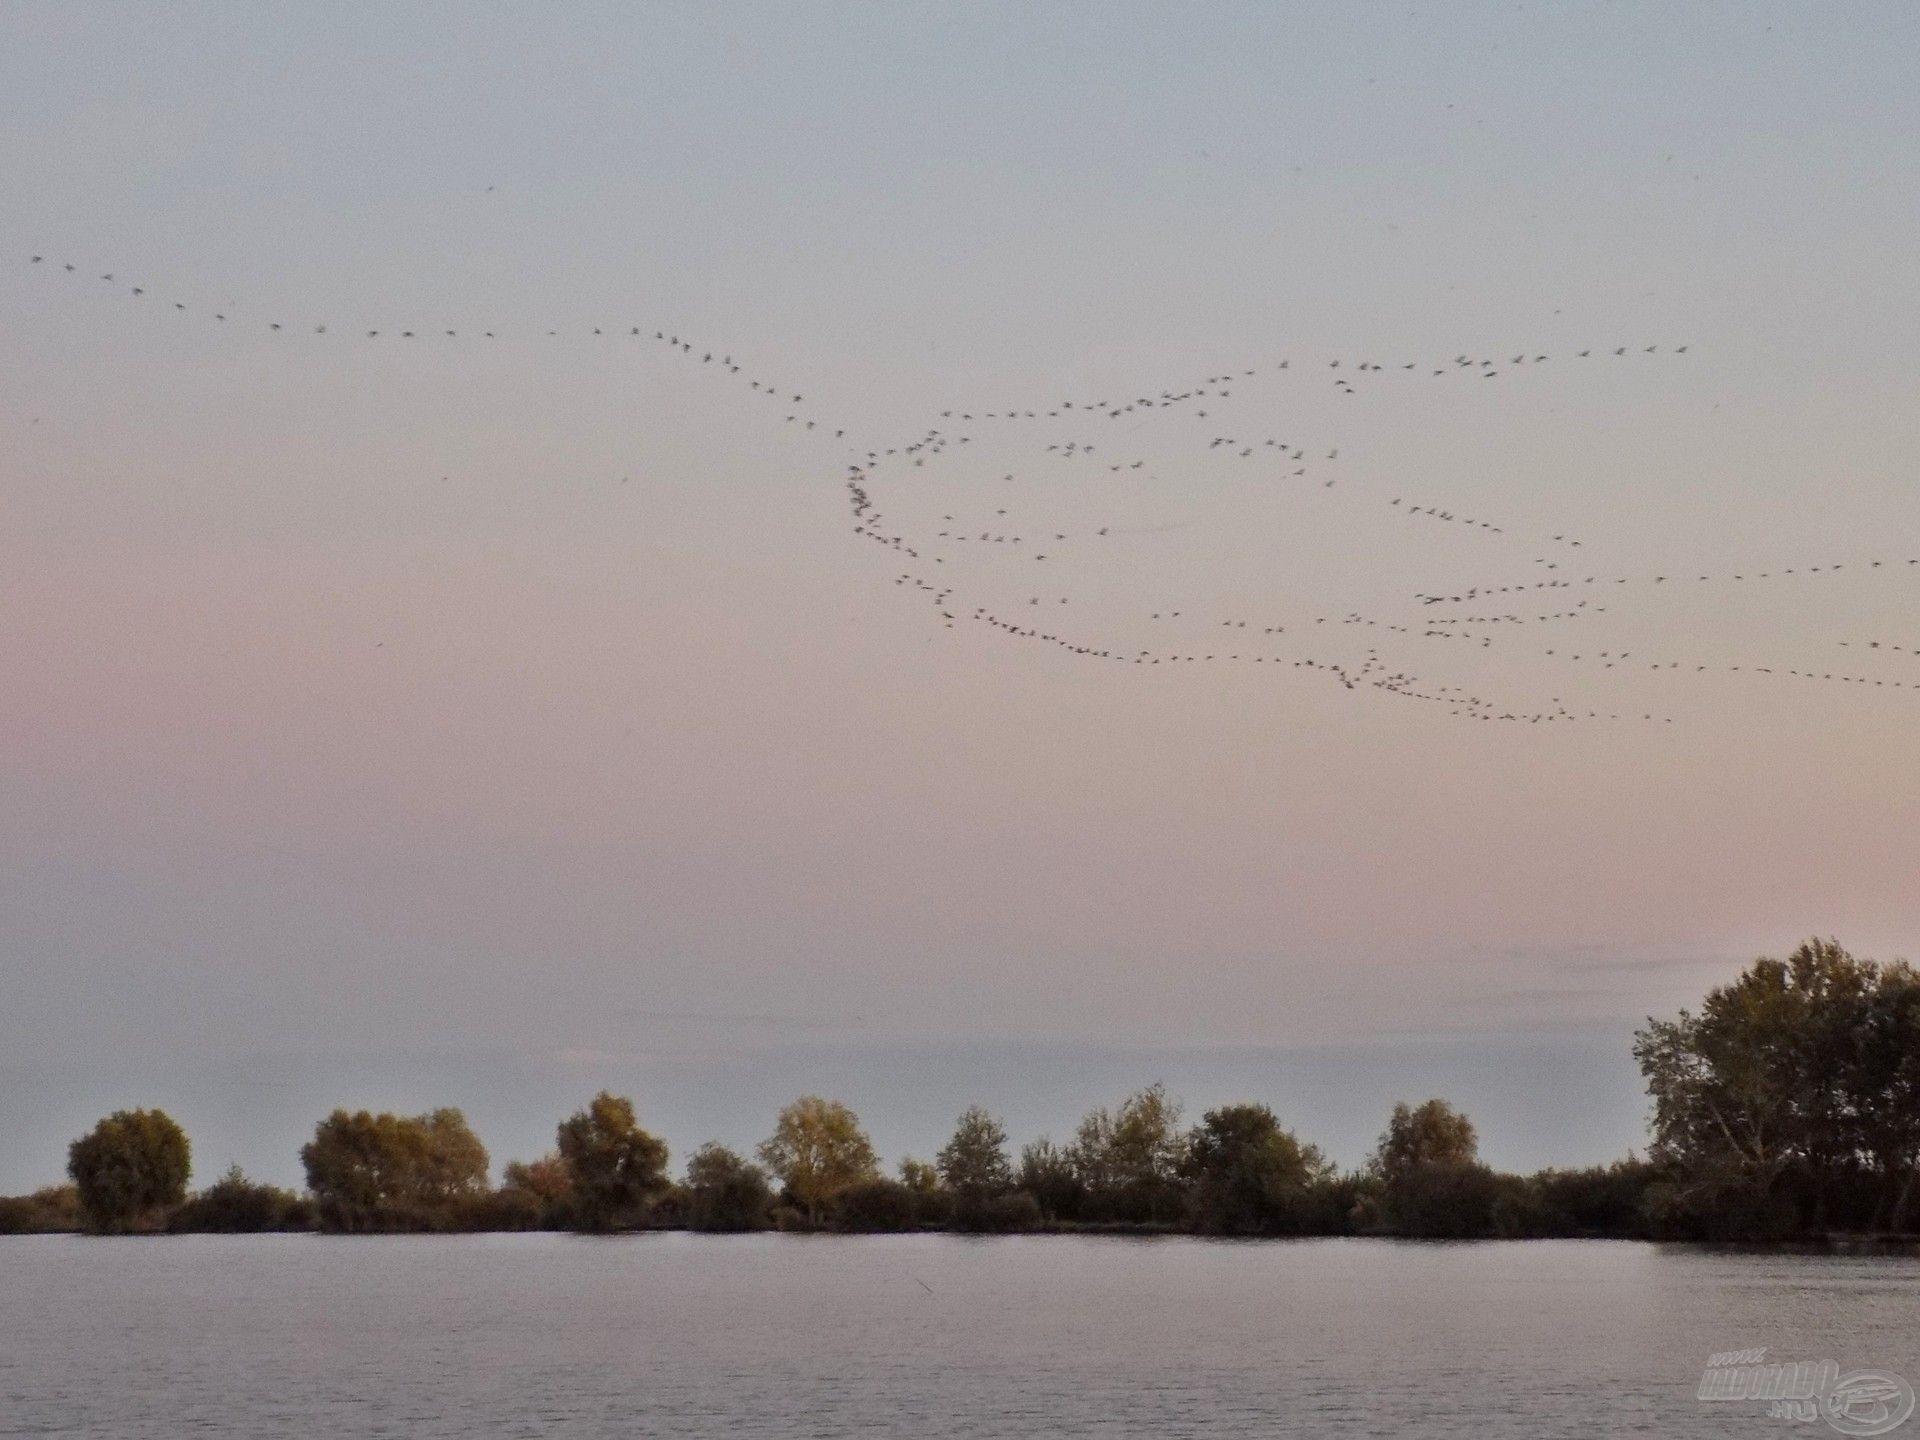 """Jellegzetes, nagy hanggal vonuló vadliba csapatok hangjától """"zajos"""" a tó környéke reggel és este, és e madarak mozgása természetesen látványos jelenség is egyben"""